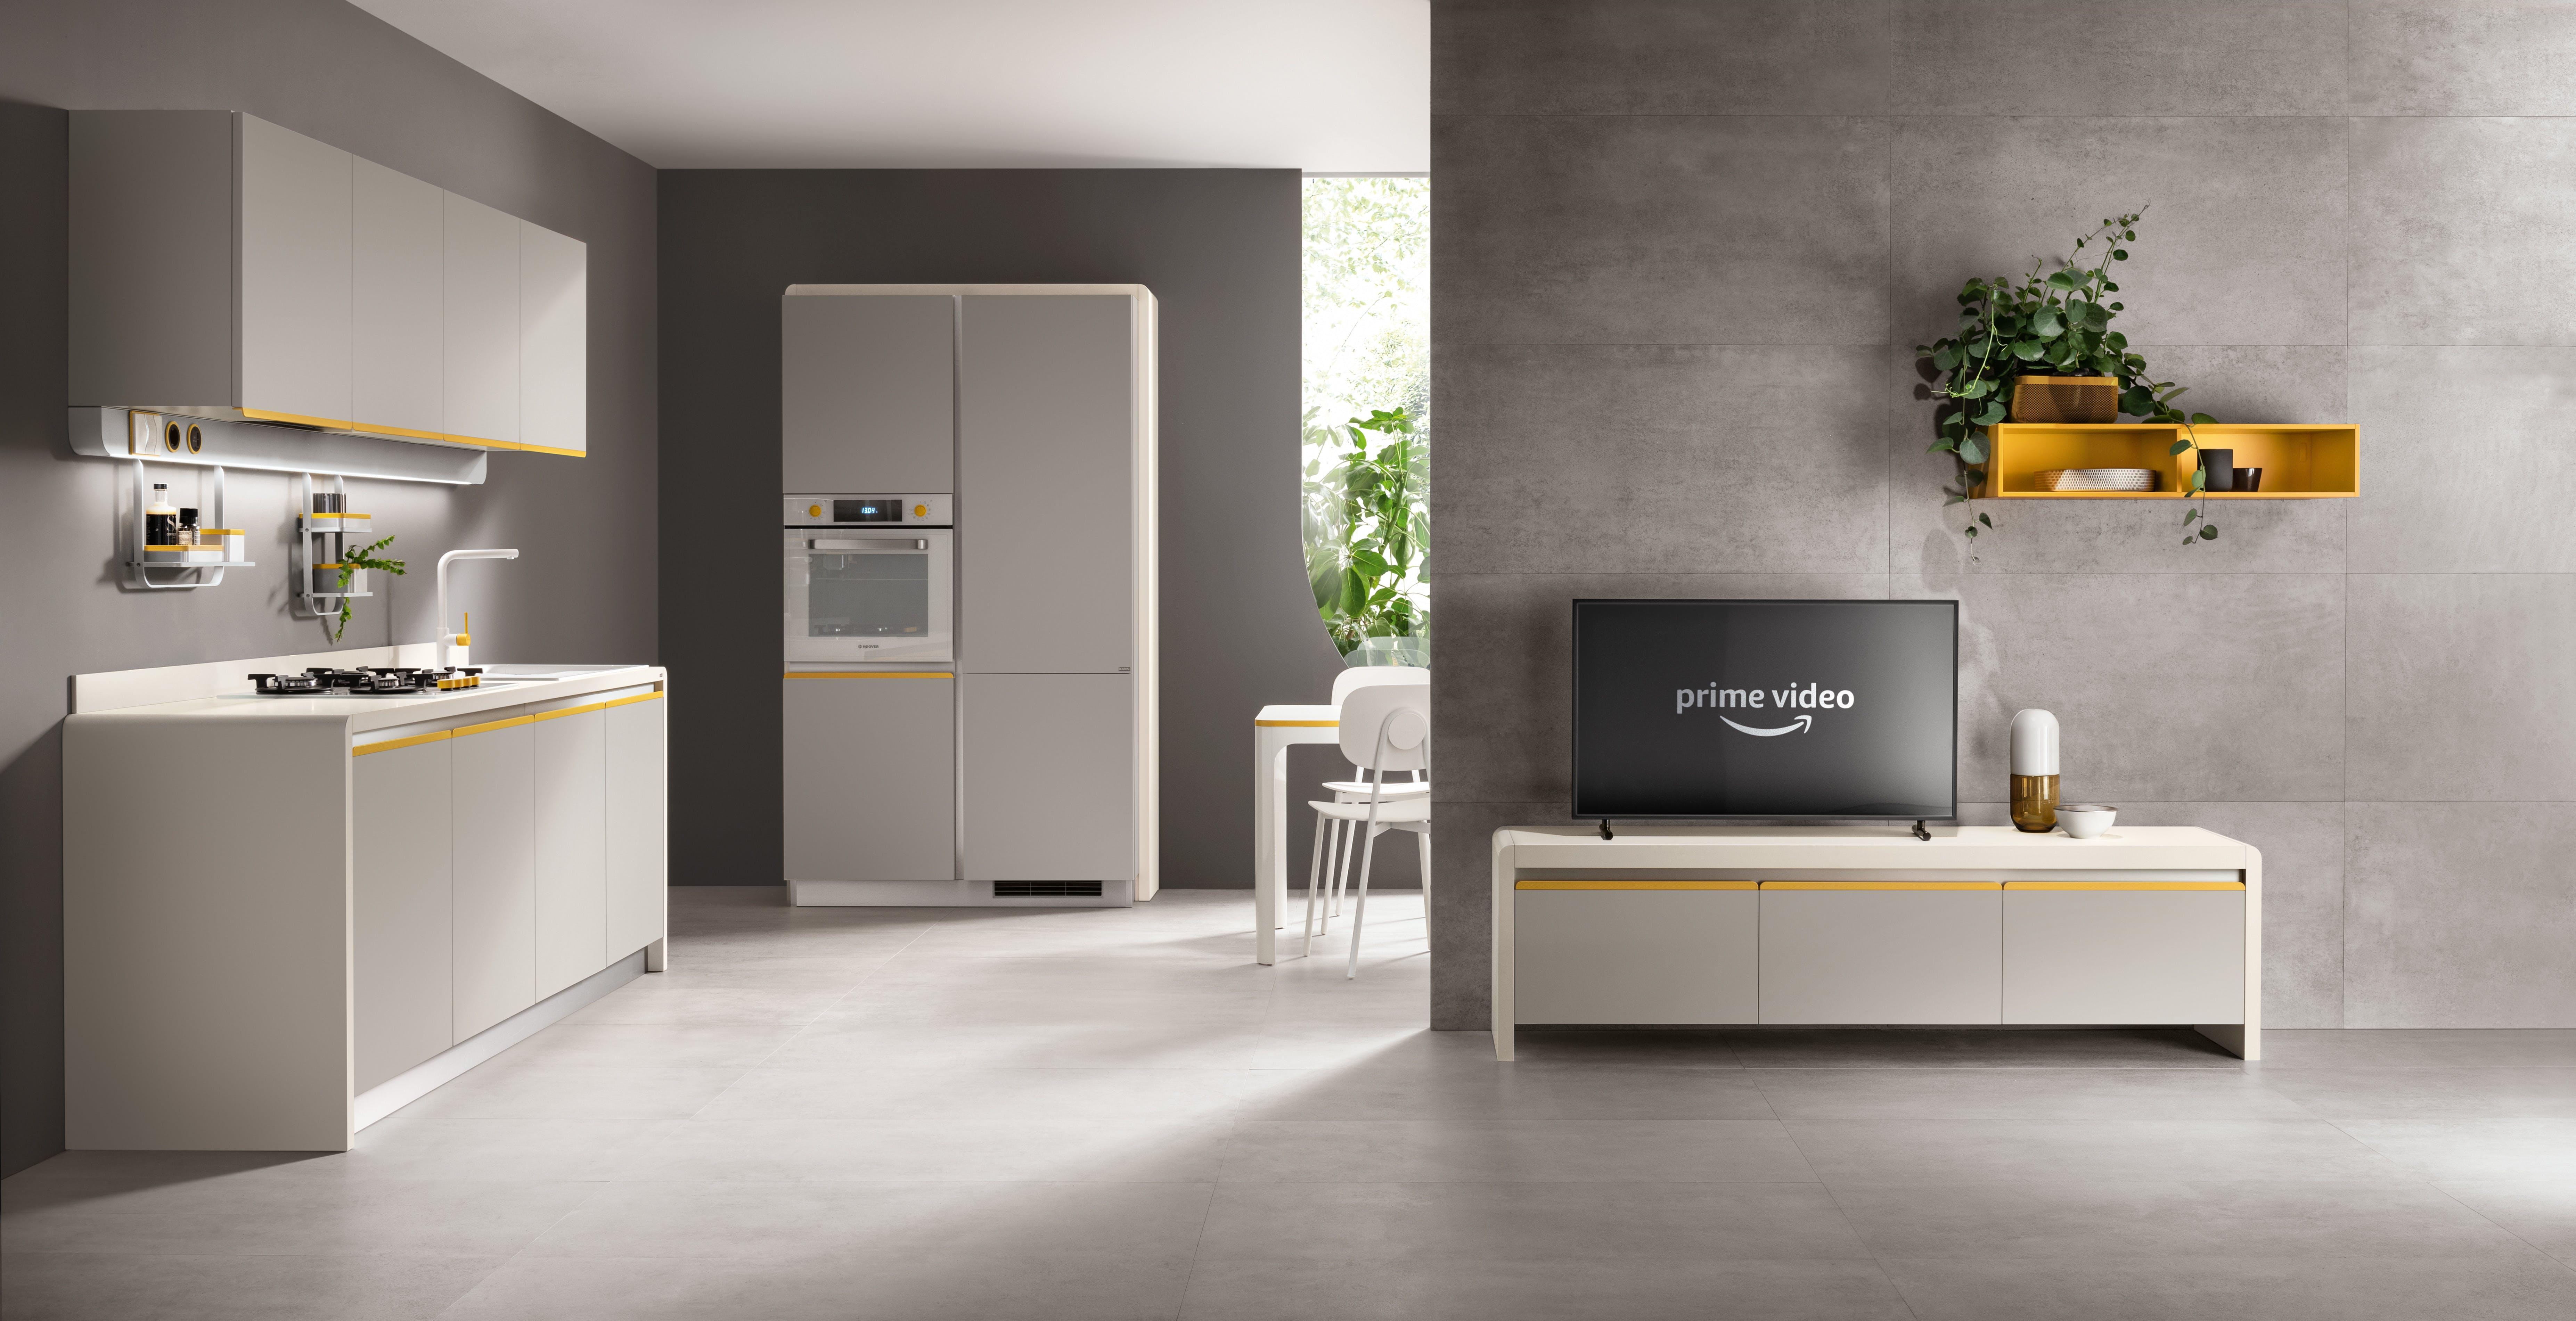 Scavolini integra Alexa nella nuova linea d'arredo: la smart home è servita